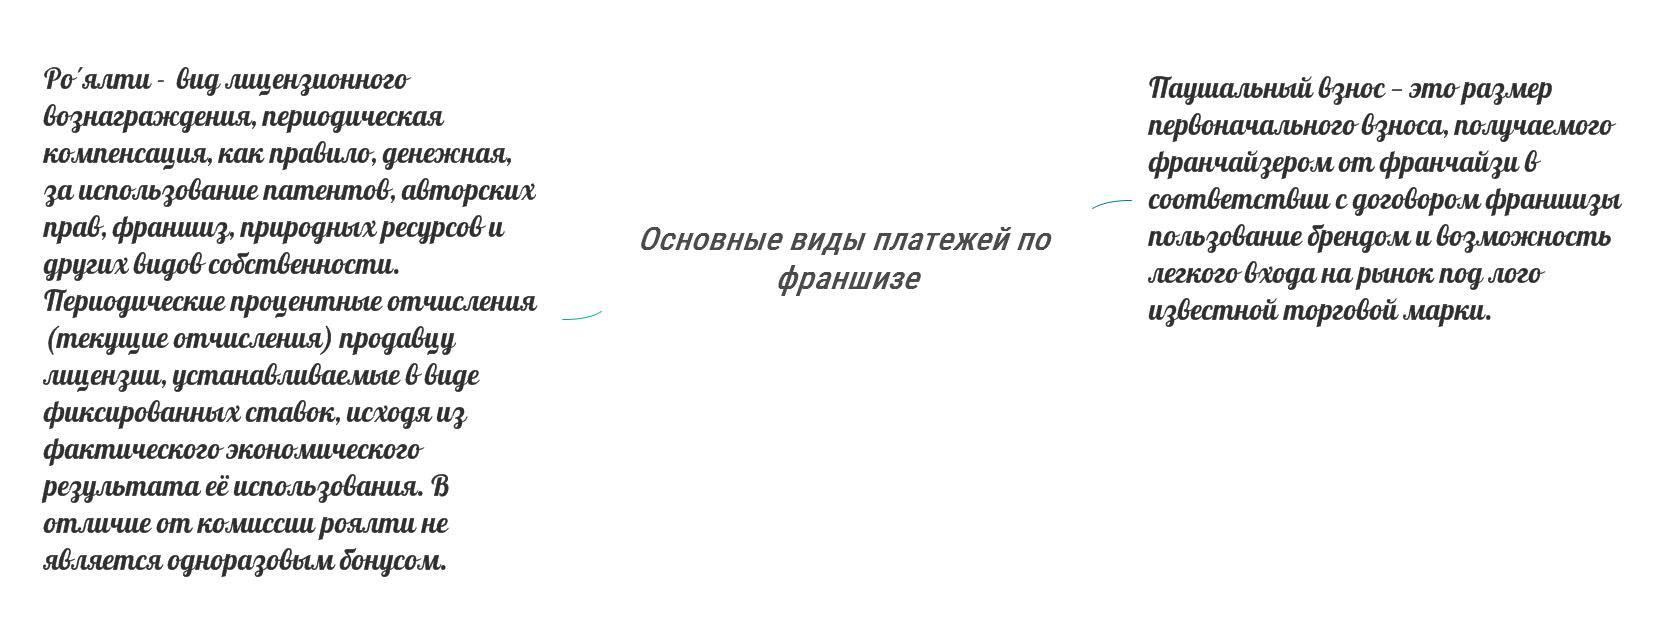 основные виды платежей по франшизе